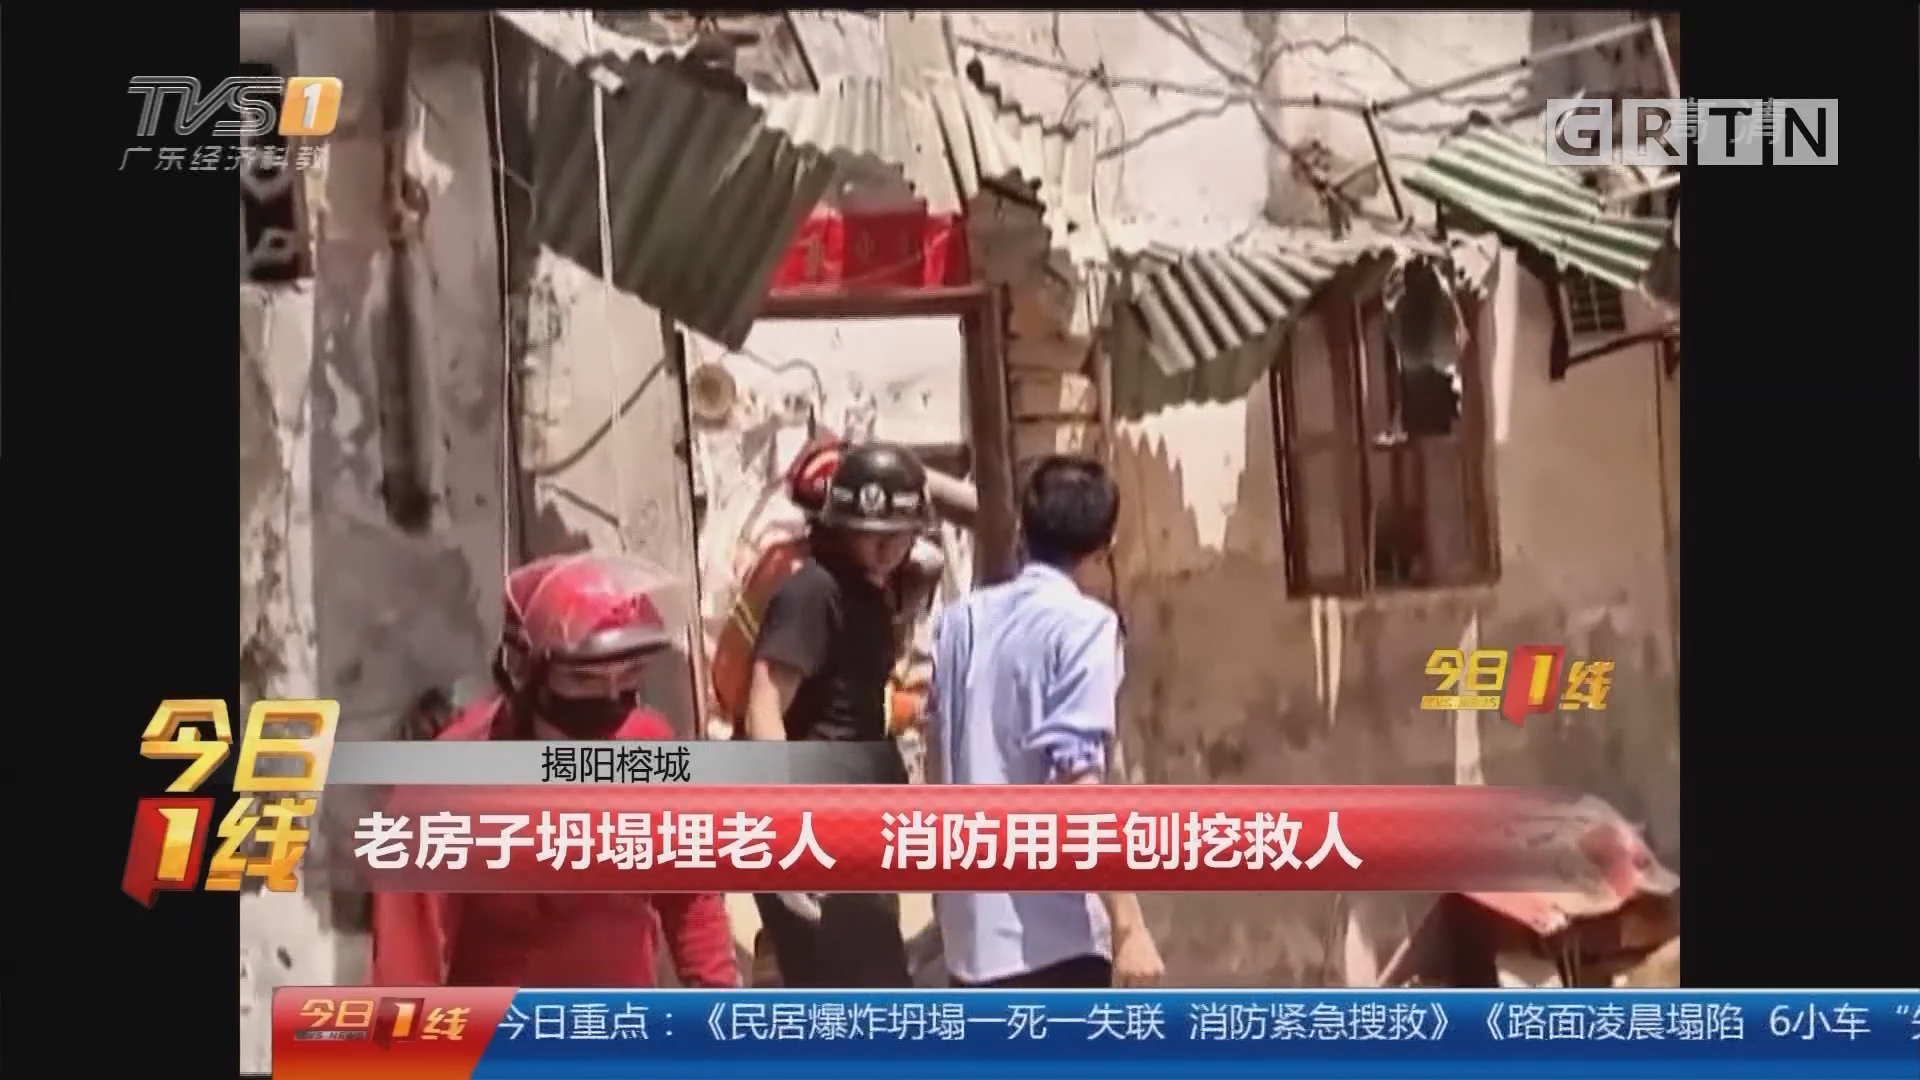 揭阳榕城:老房子坍塌埋老人 消防用手刨挖救人